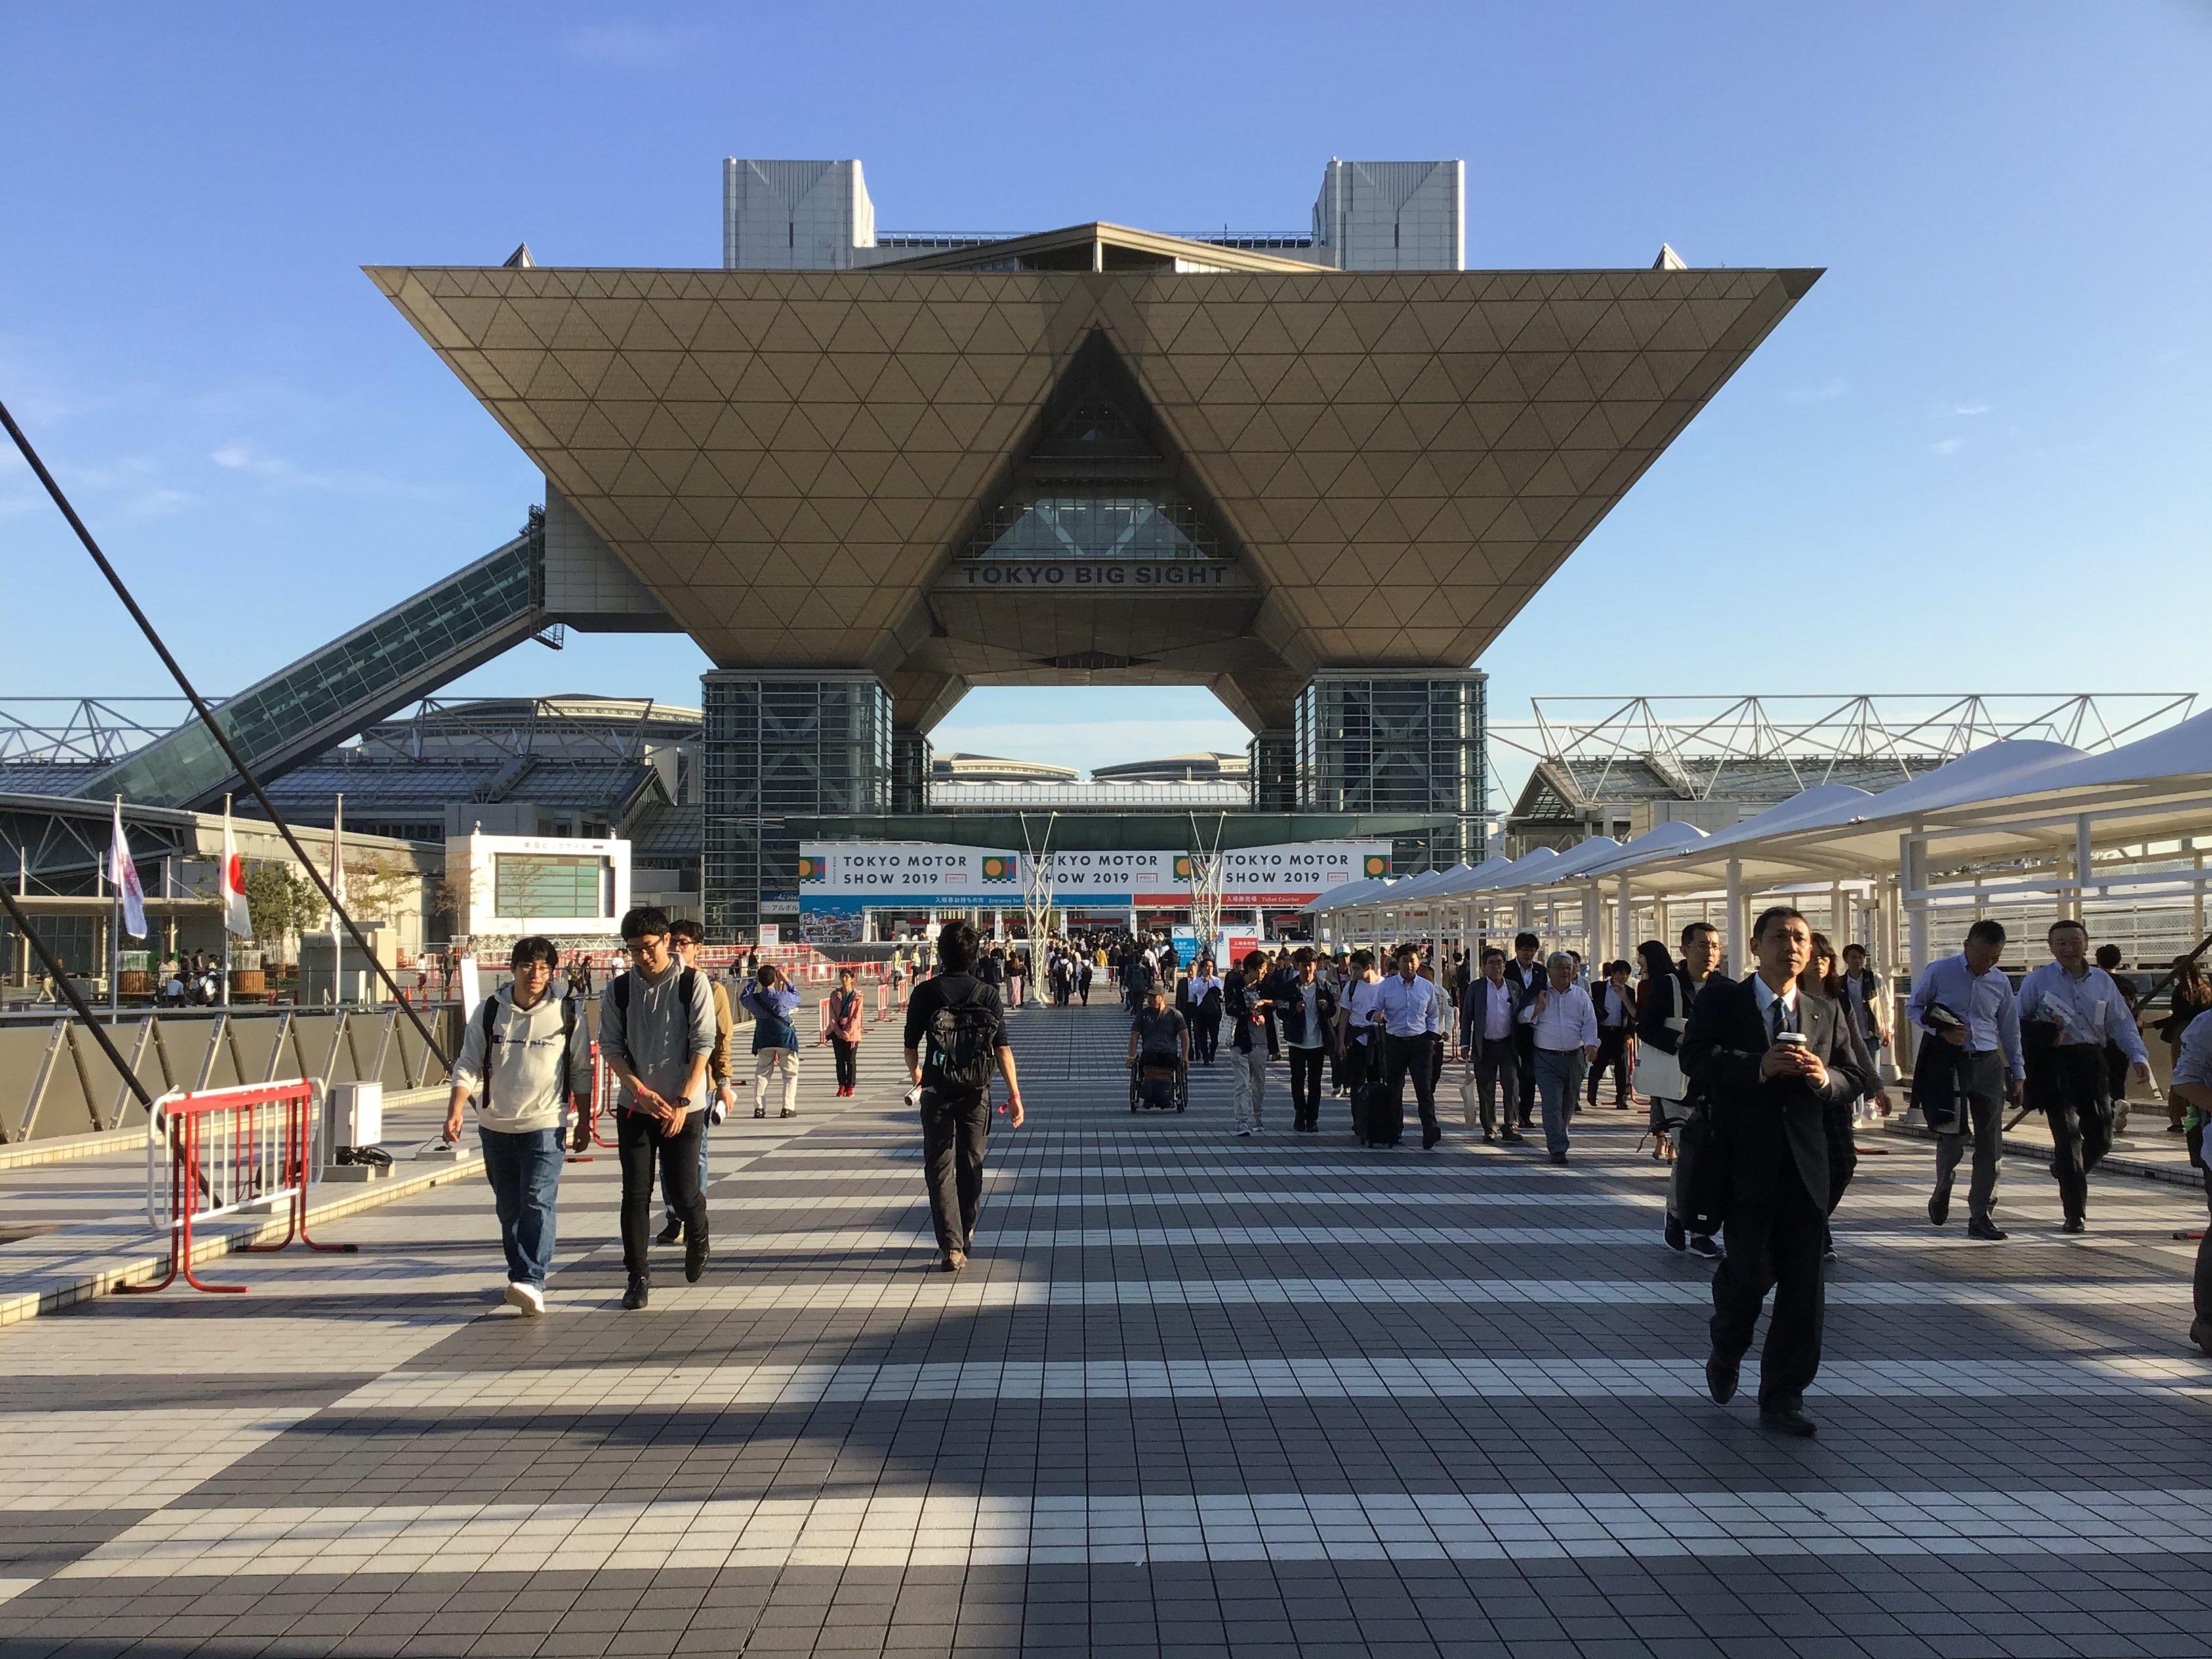 東京モーターショー2019 バイク展示まとめ~その2 ホンダ